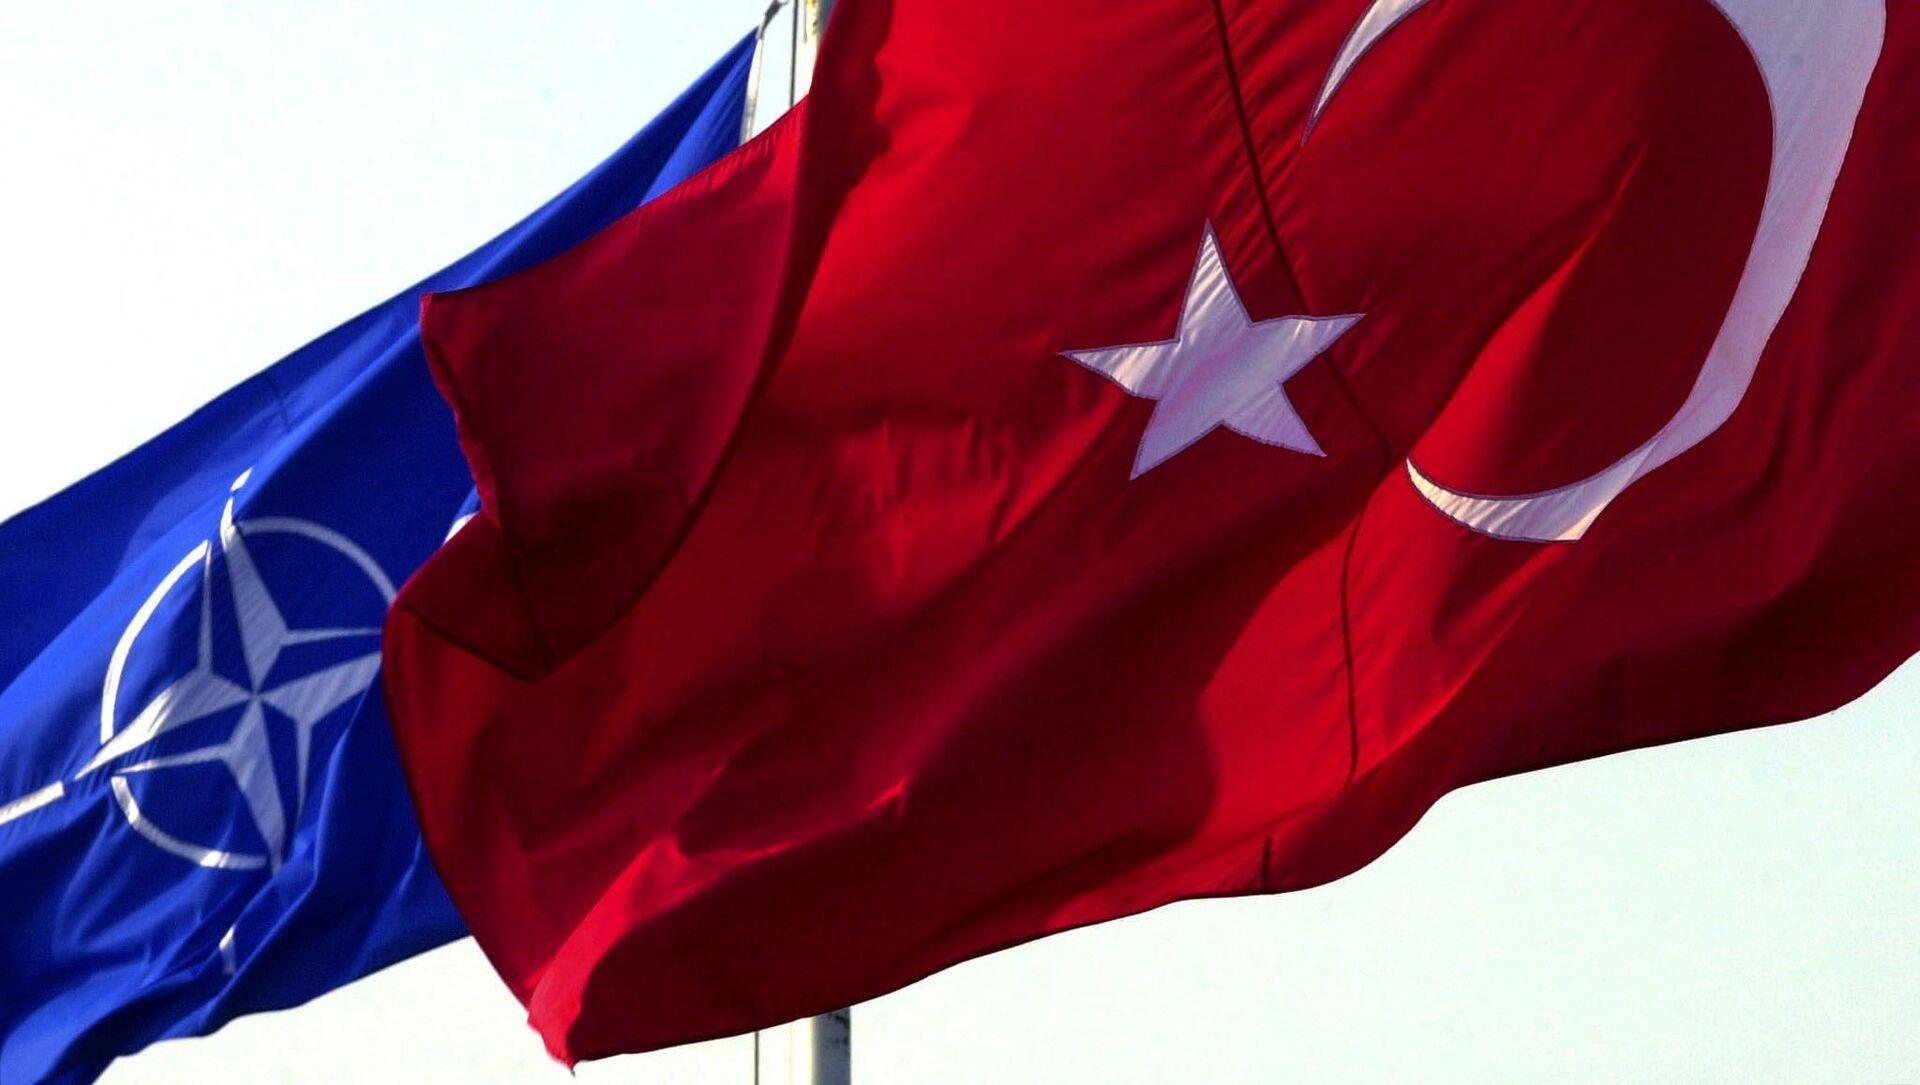 Banderas de la OTAN y de Turquía - Sputnik Mundo, 1920, 19.02.2020